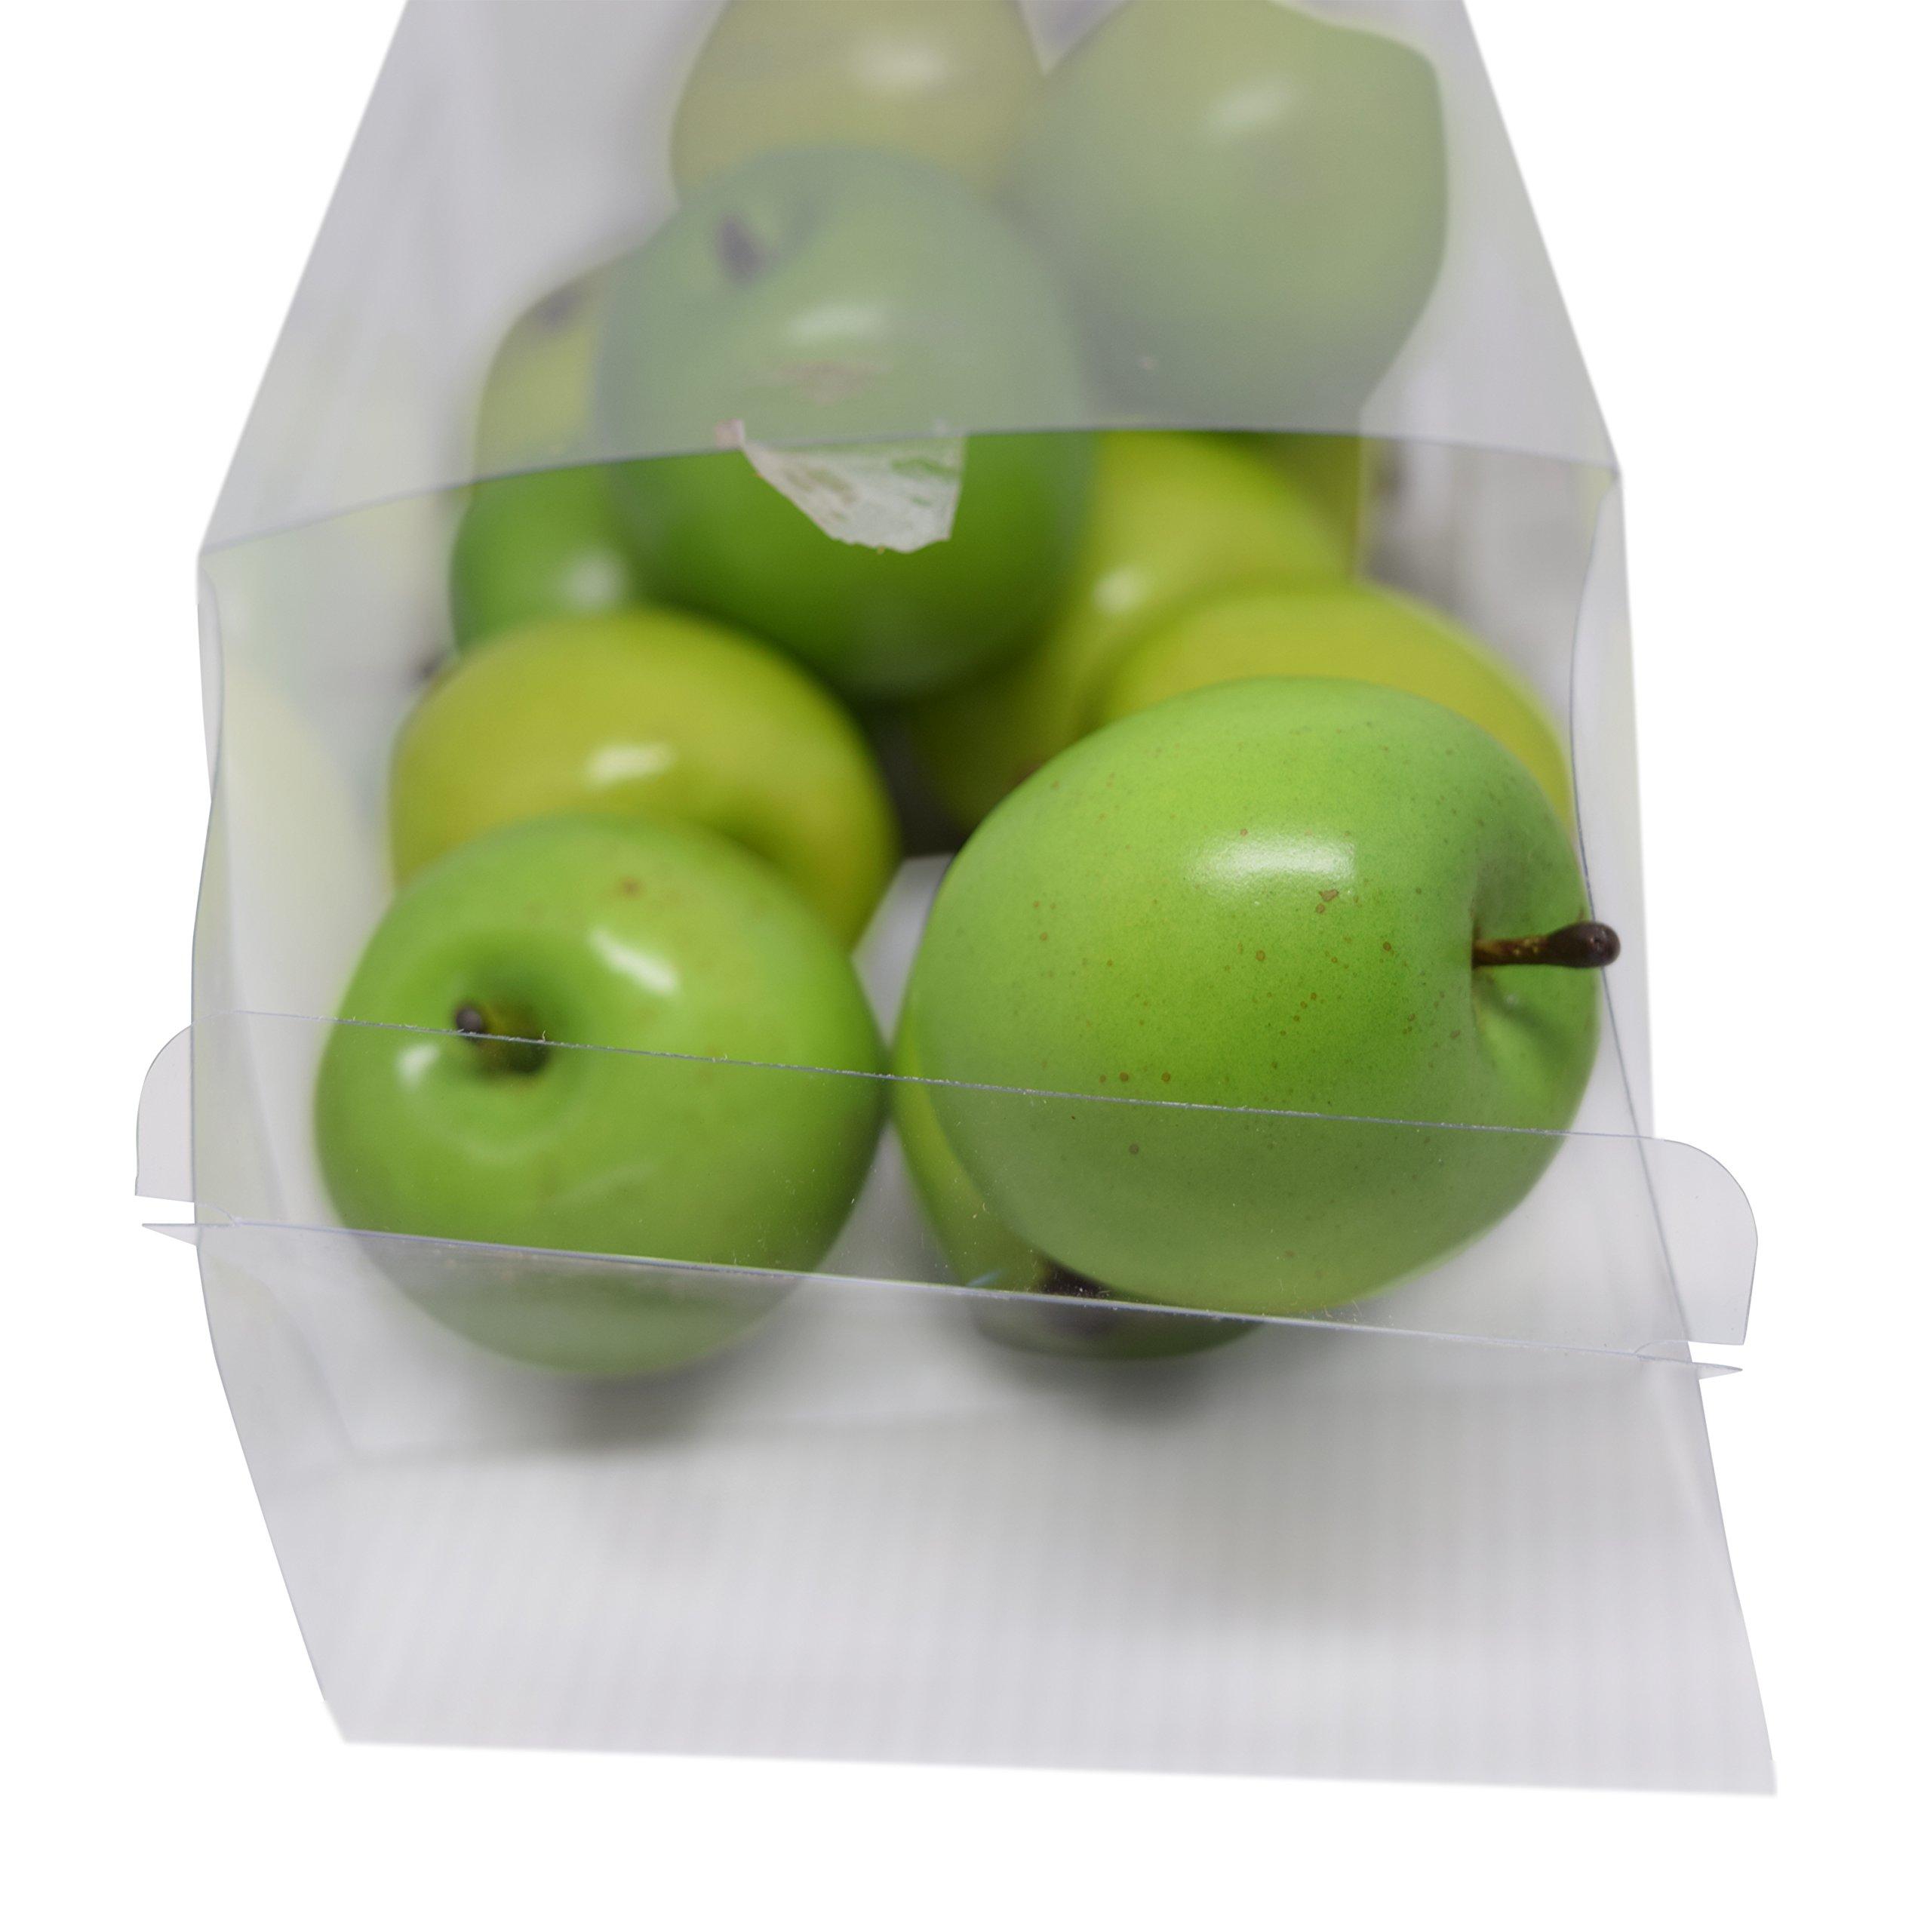 Florabunda-12-Piece-Mini-Decorative-Fruit-Green-Apple